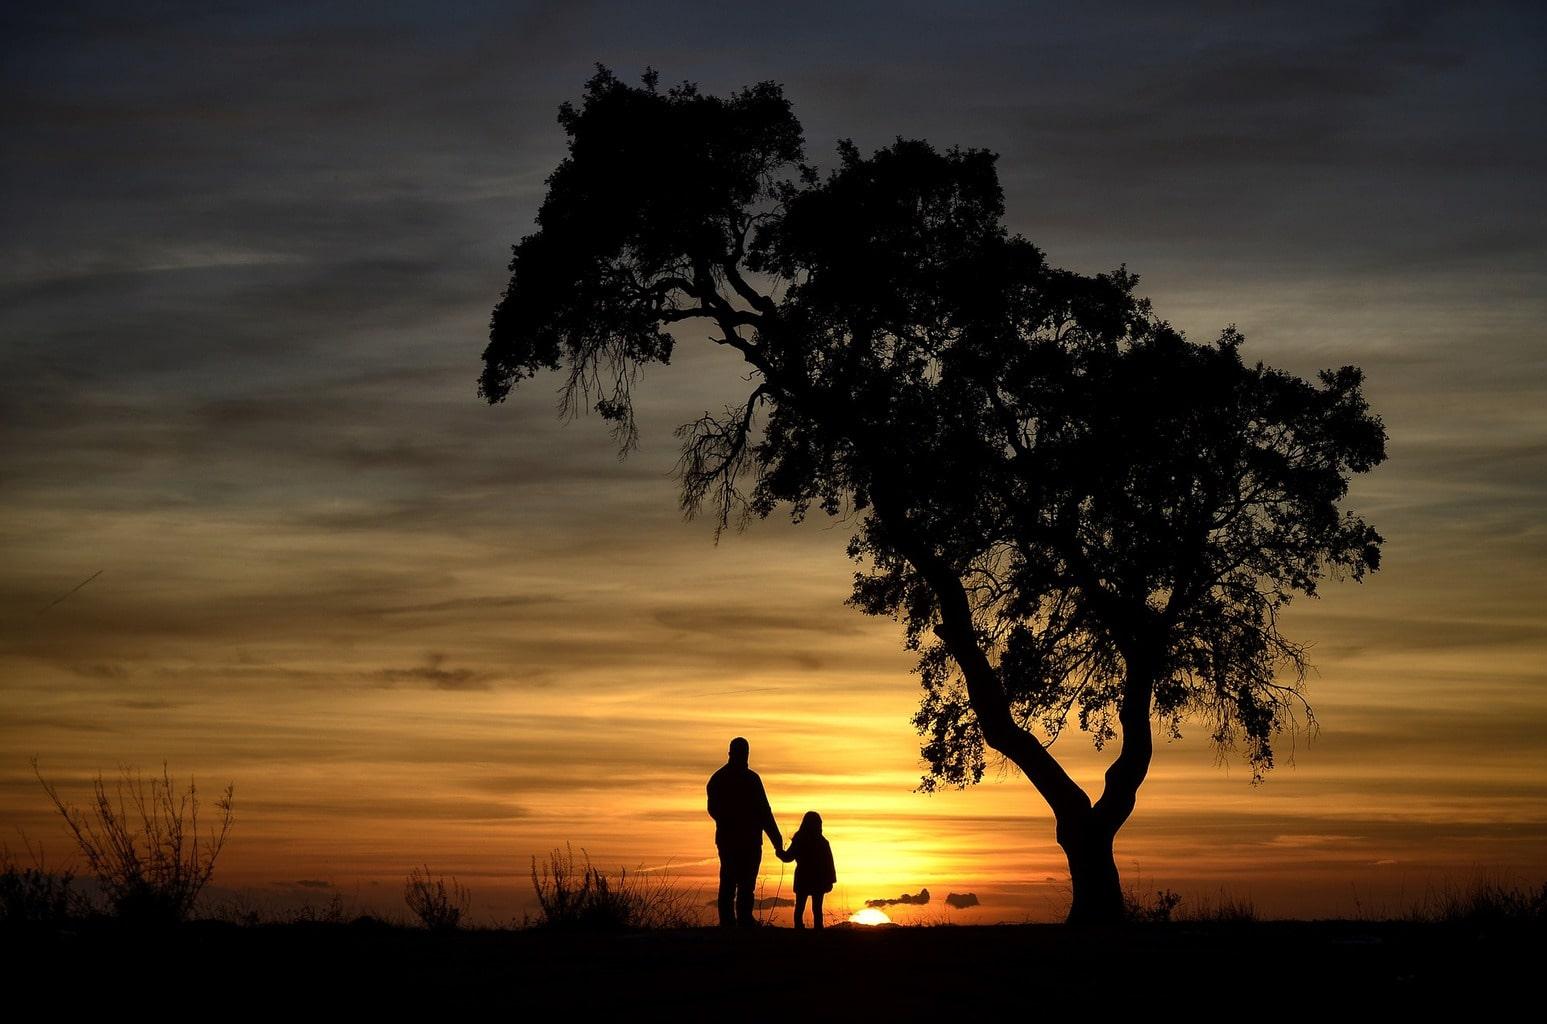 fotografía dos personas mirando el atardecer